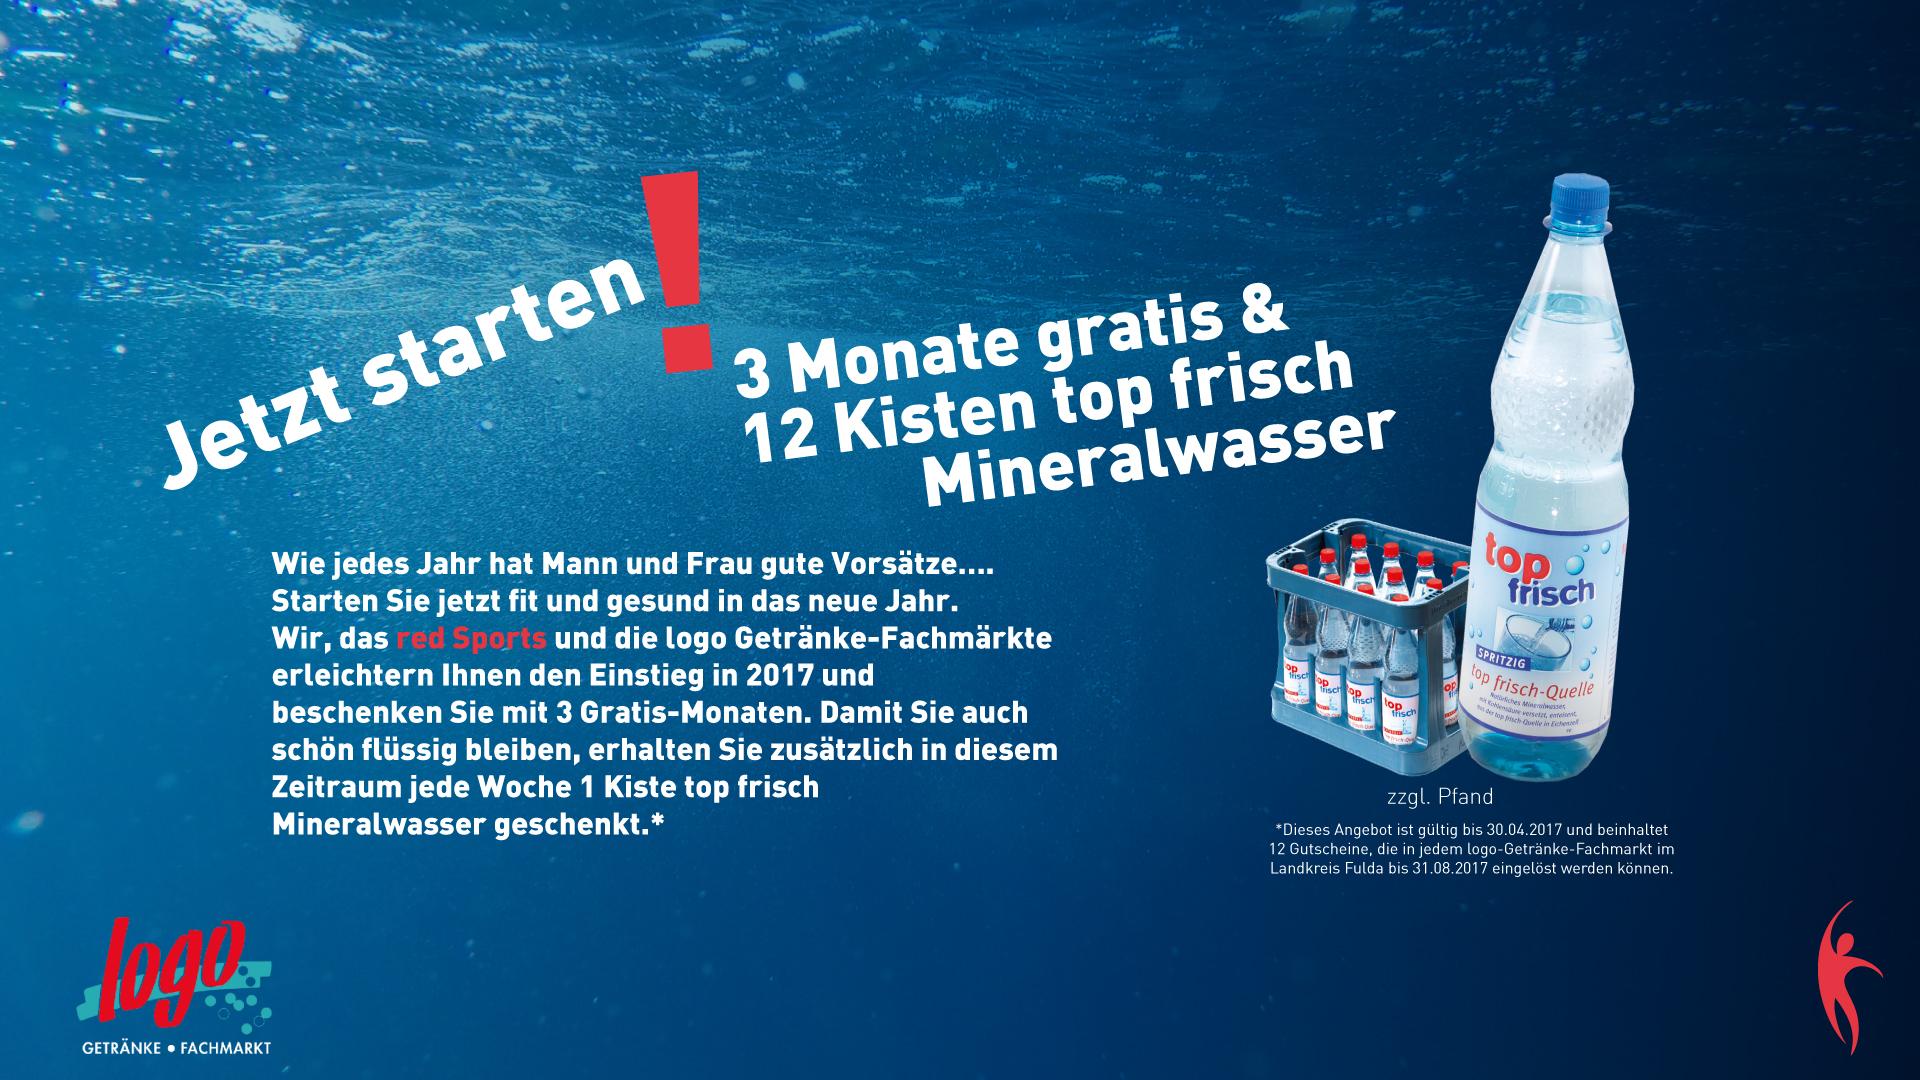 [Lokal Fulda][red Sports][Logogetränkemärkte] 3 Monate gratis trainieren + 12 Kisten Mineralwasser gratis (nur Pfand)